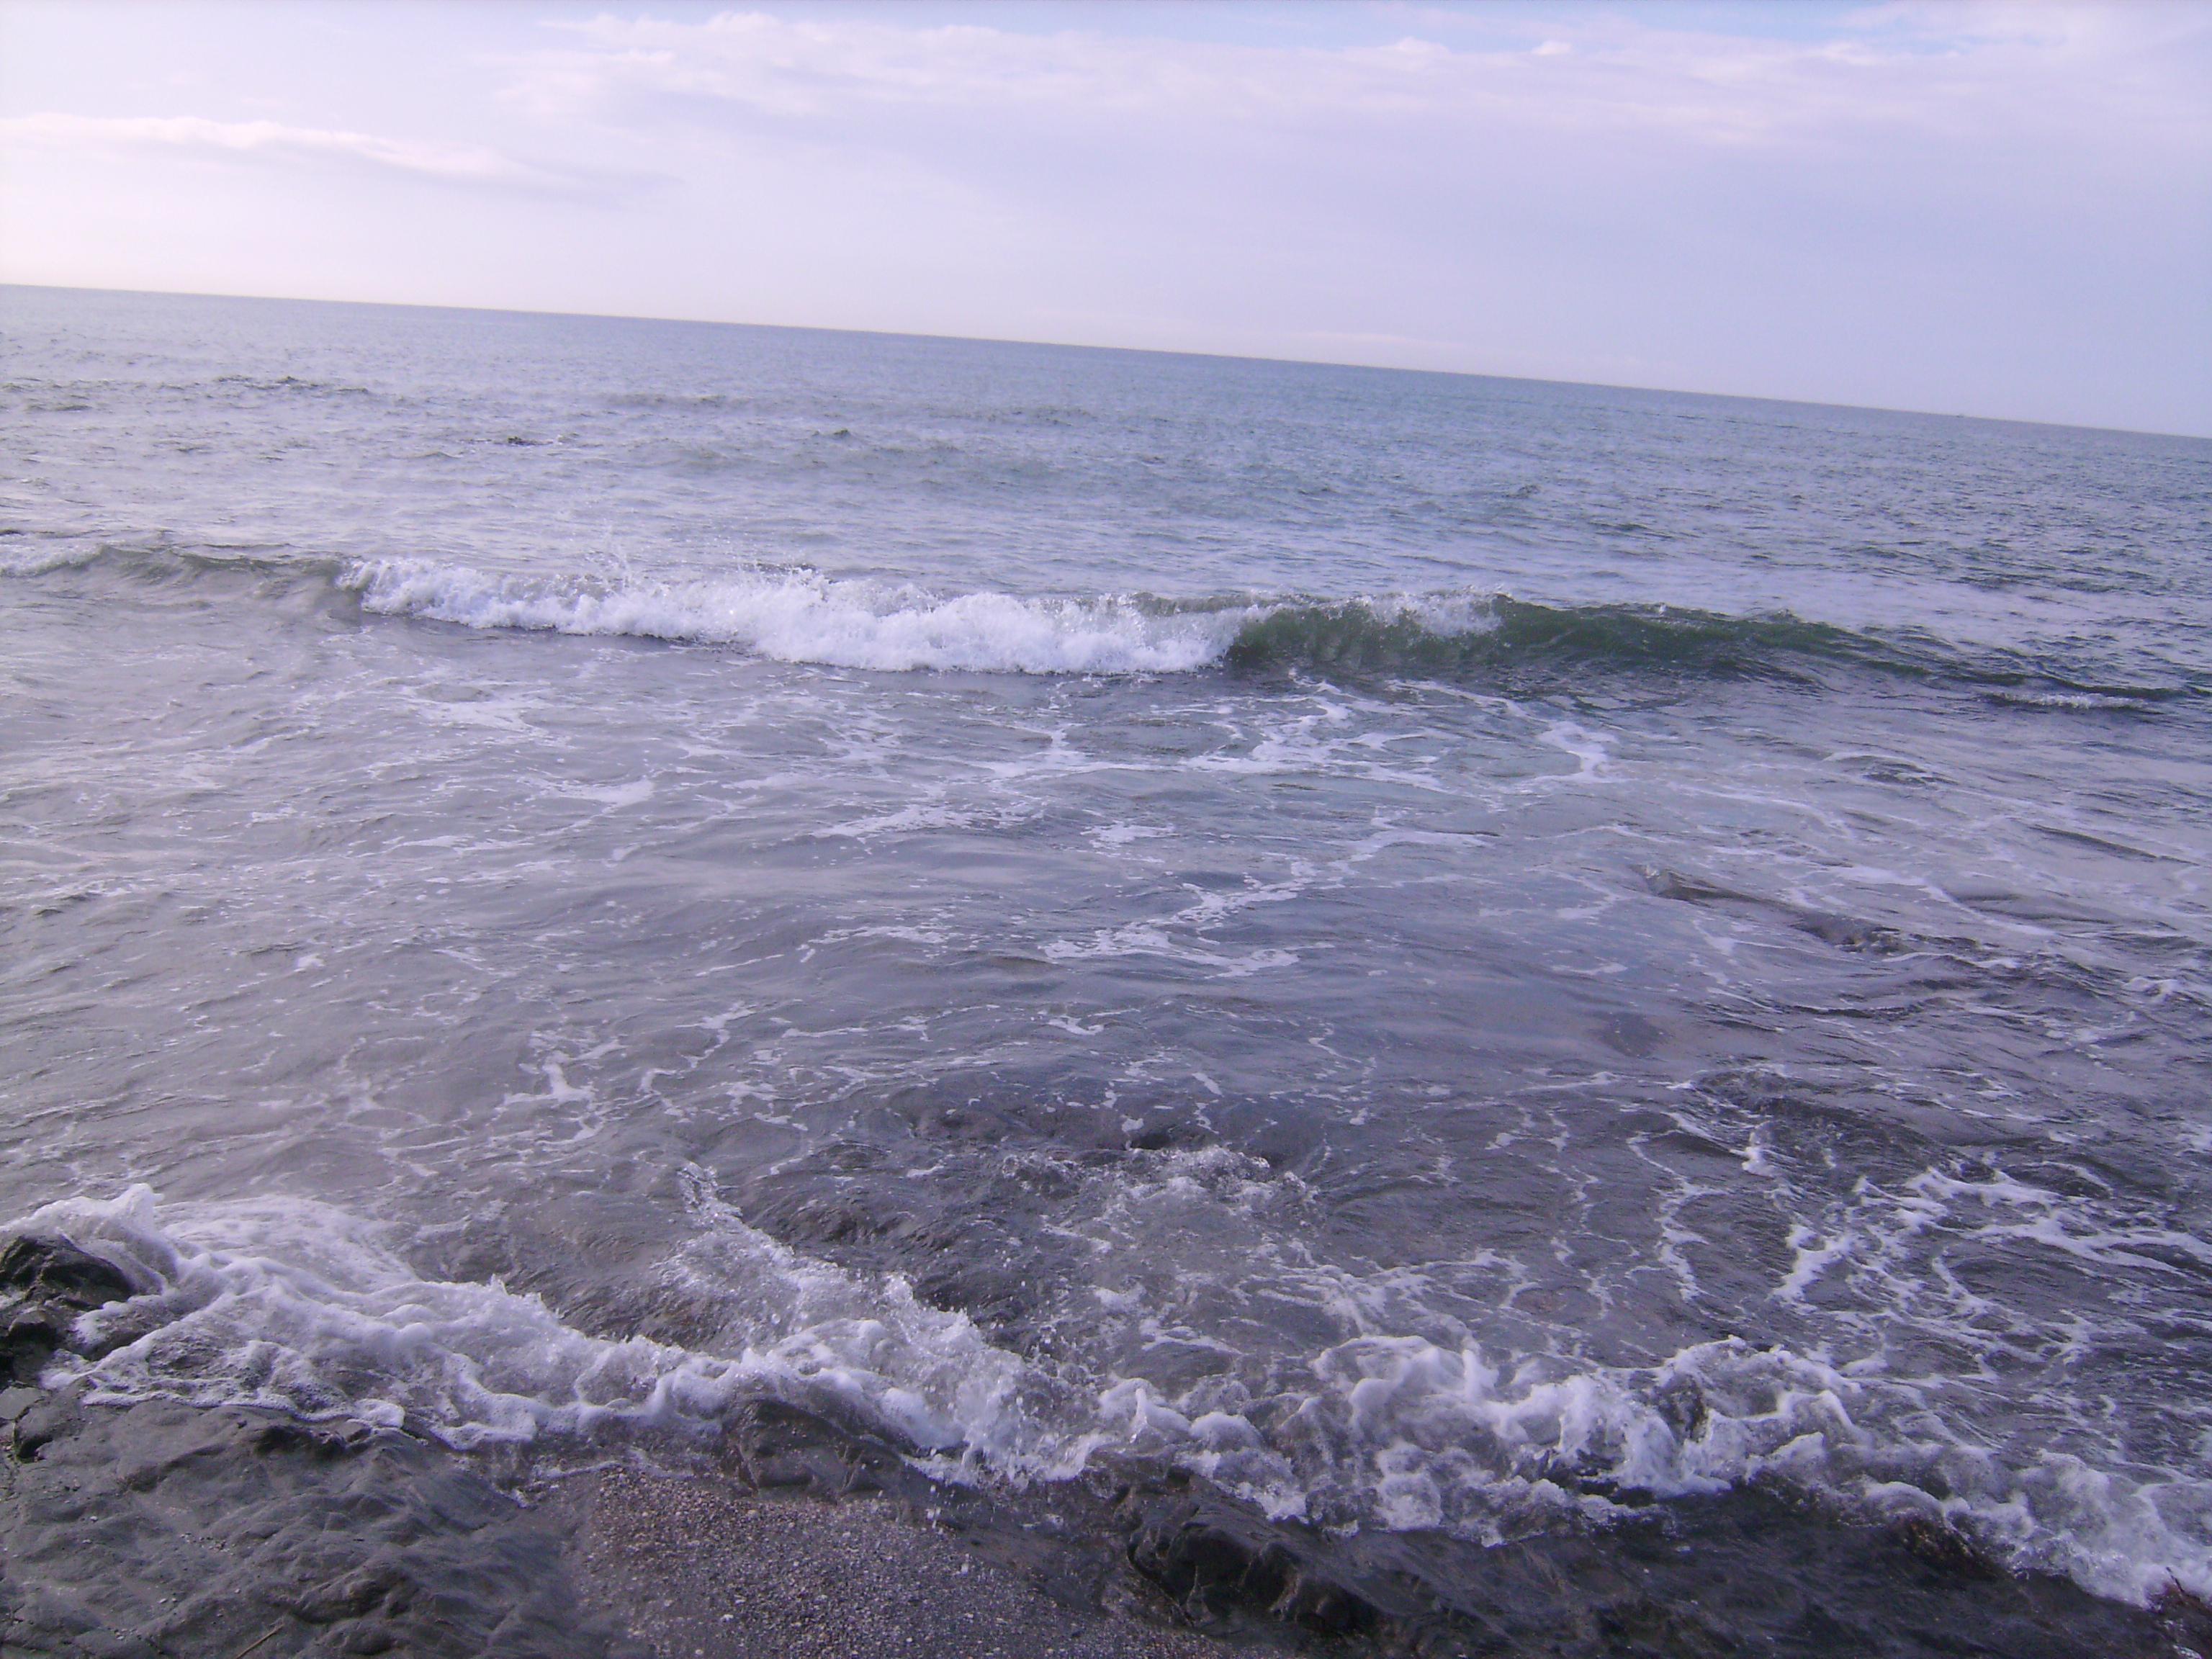 Bennünk él és benne élünk.<br />Meríts egy hullámot az árból: kagylóvá kristályosul tenyeredben.<br />